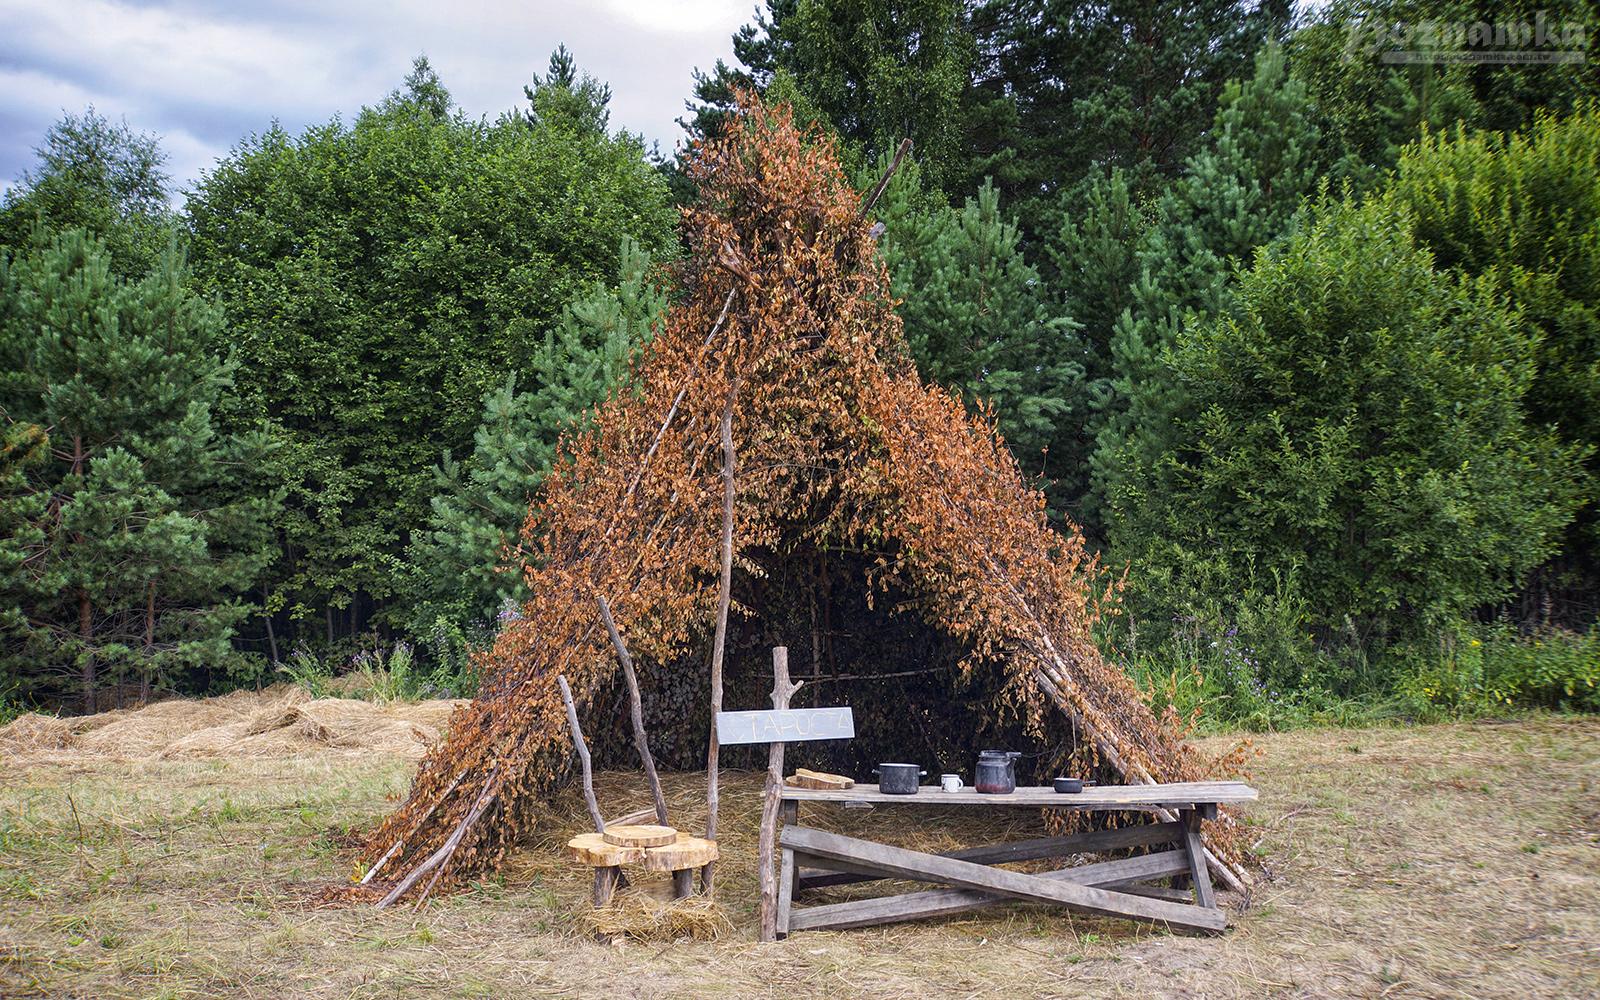 Как сделать шалаш из досок на земле. домик на дереве своими руками: фото, чертежи, поэтапно делаем детский домик из дерева